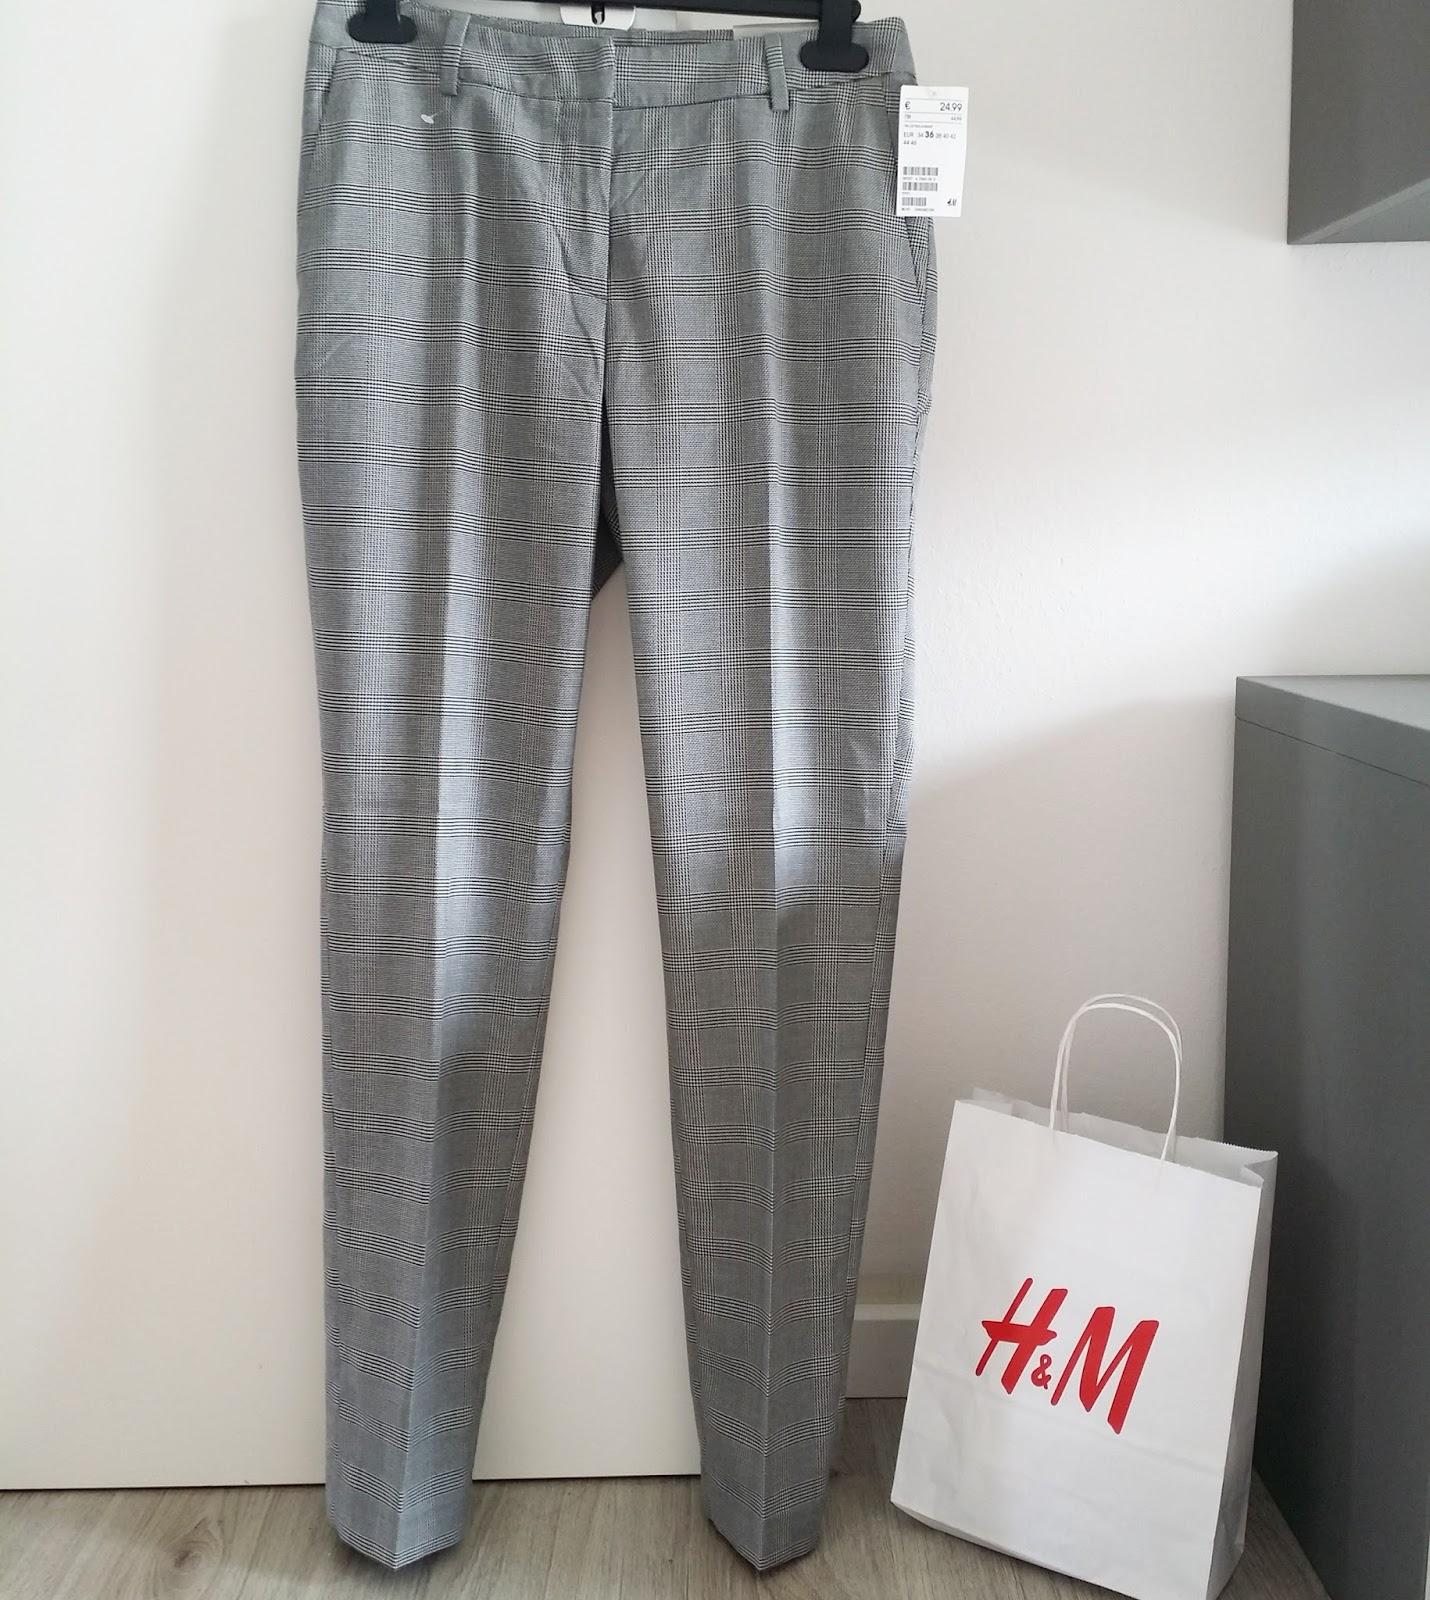 pantalone-hm-collezione-autunno-2017